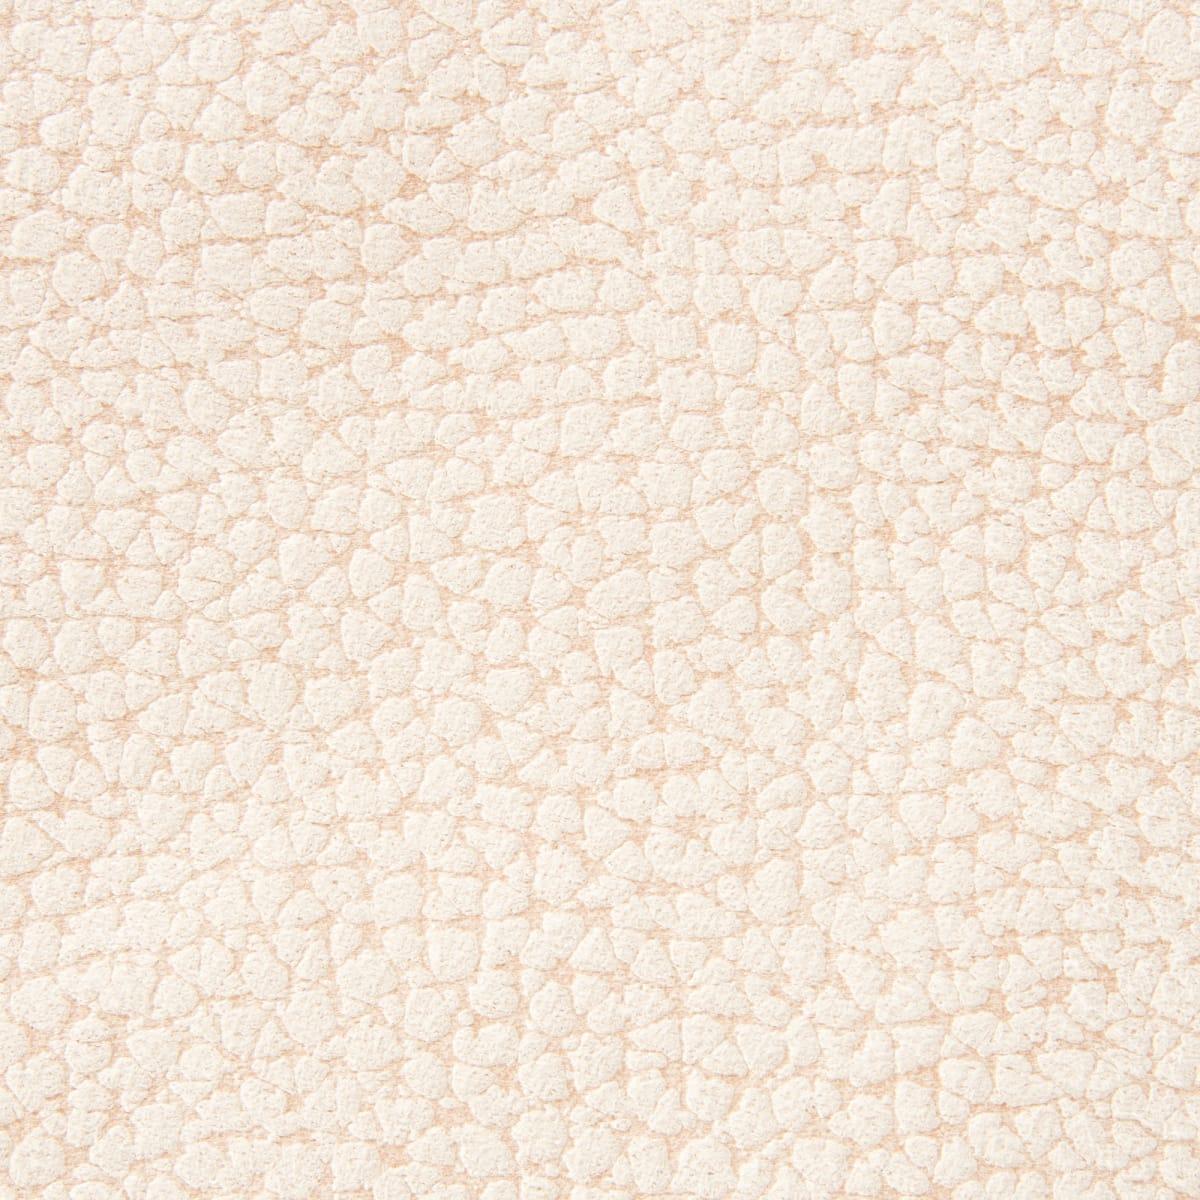 Ткань для обивки мебели в леруа мерлен купить отрез ткани на платье